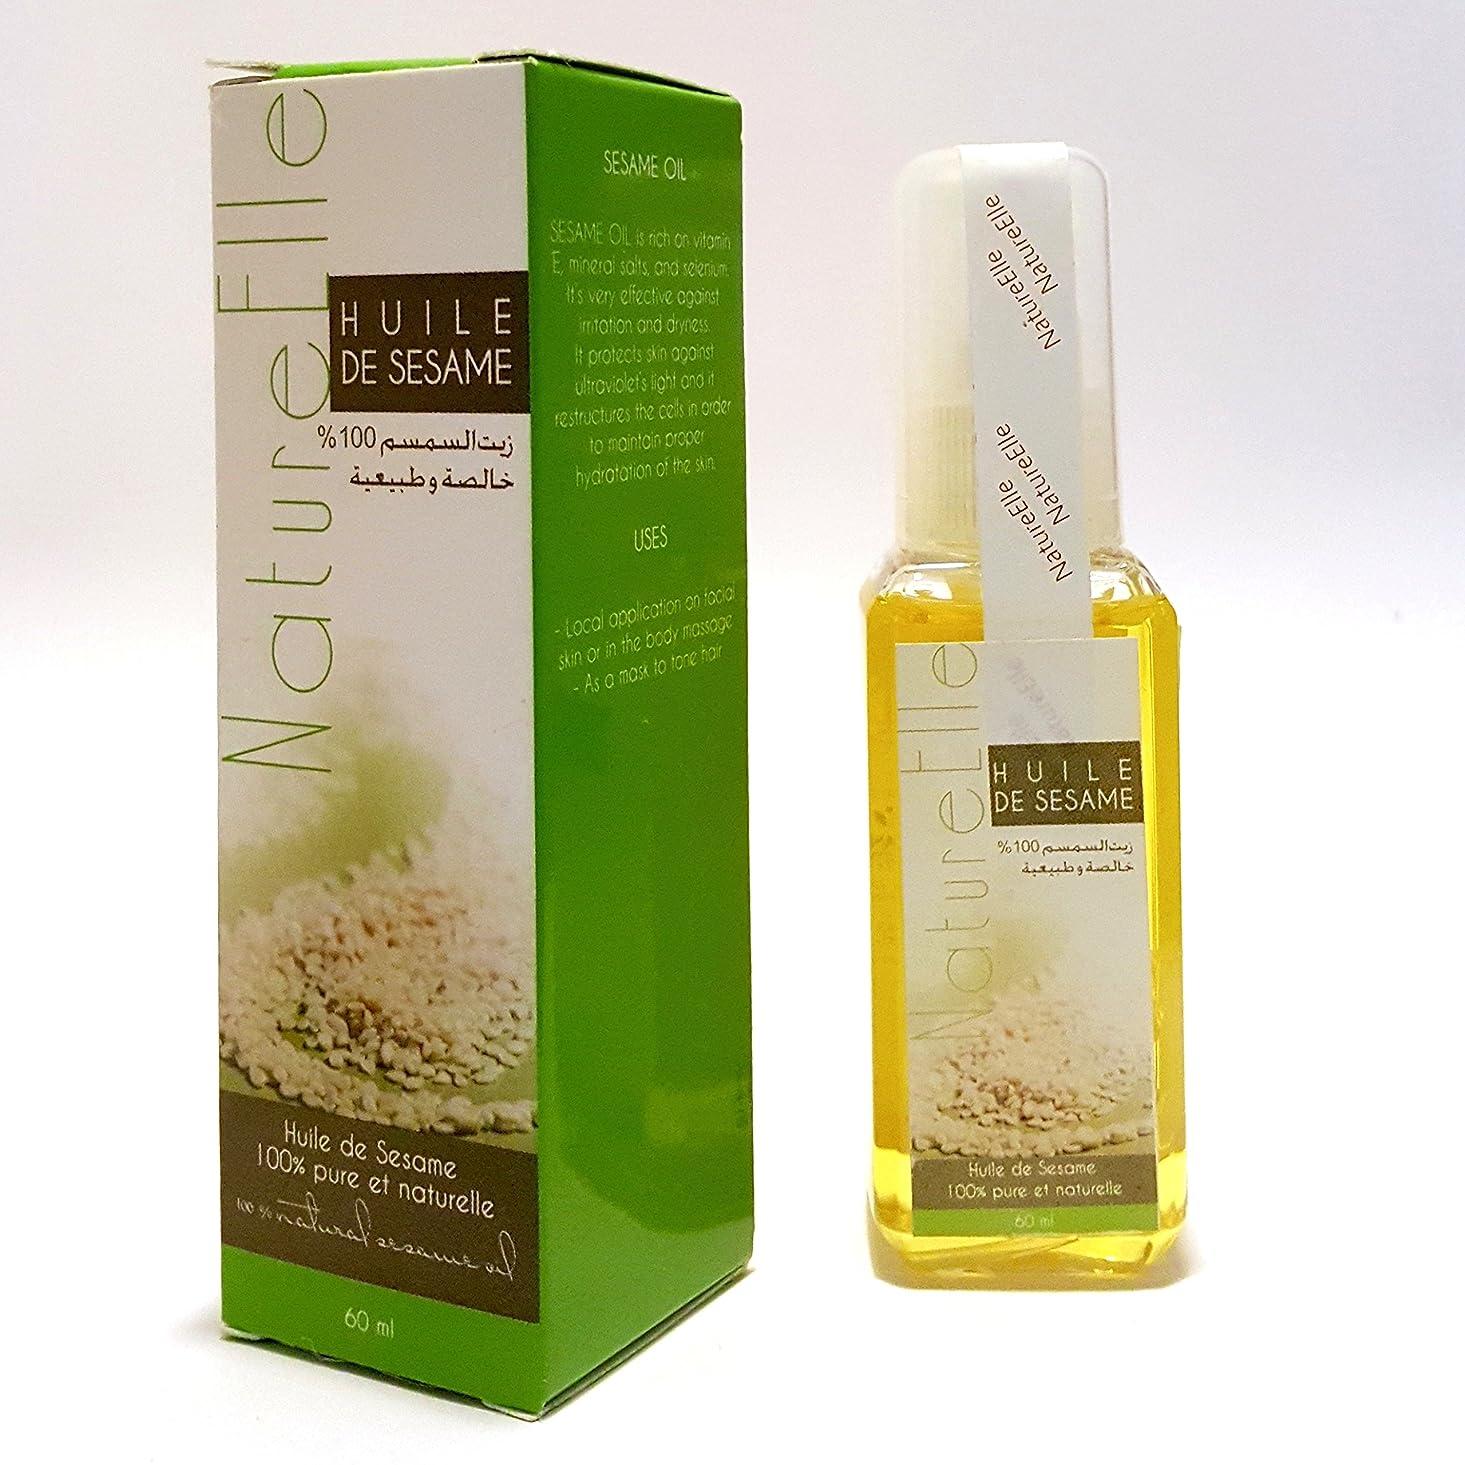 行く上記の頭と肩ナットNatureElle Sesame Oil 100% Pure and Natural - Express delivery within three working days - Track Shipment Online - 60 ml [並行輸入品]